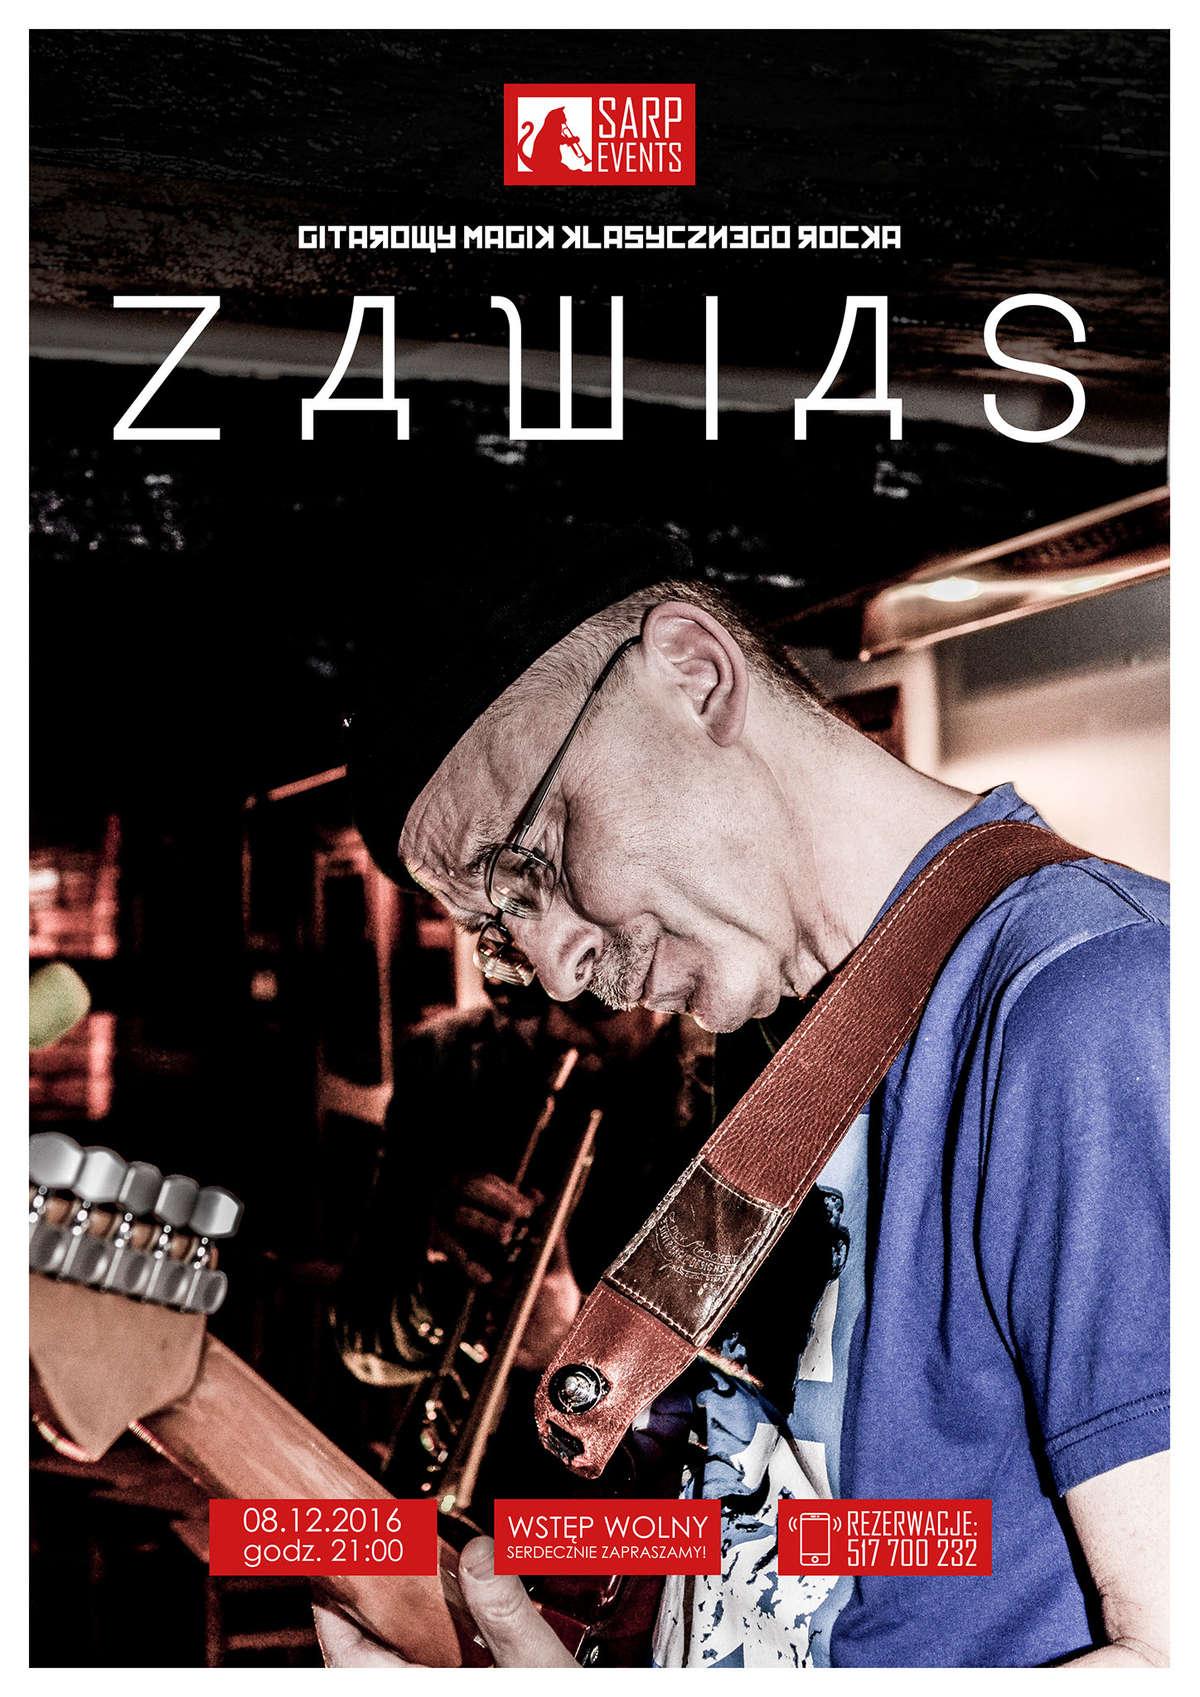 Krzysztof Zawias Zawistowski w Sarpie - full image